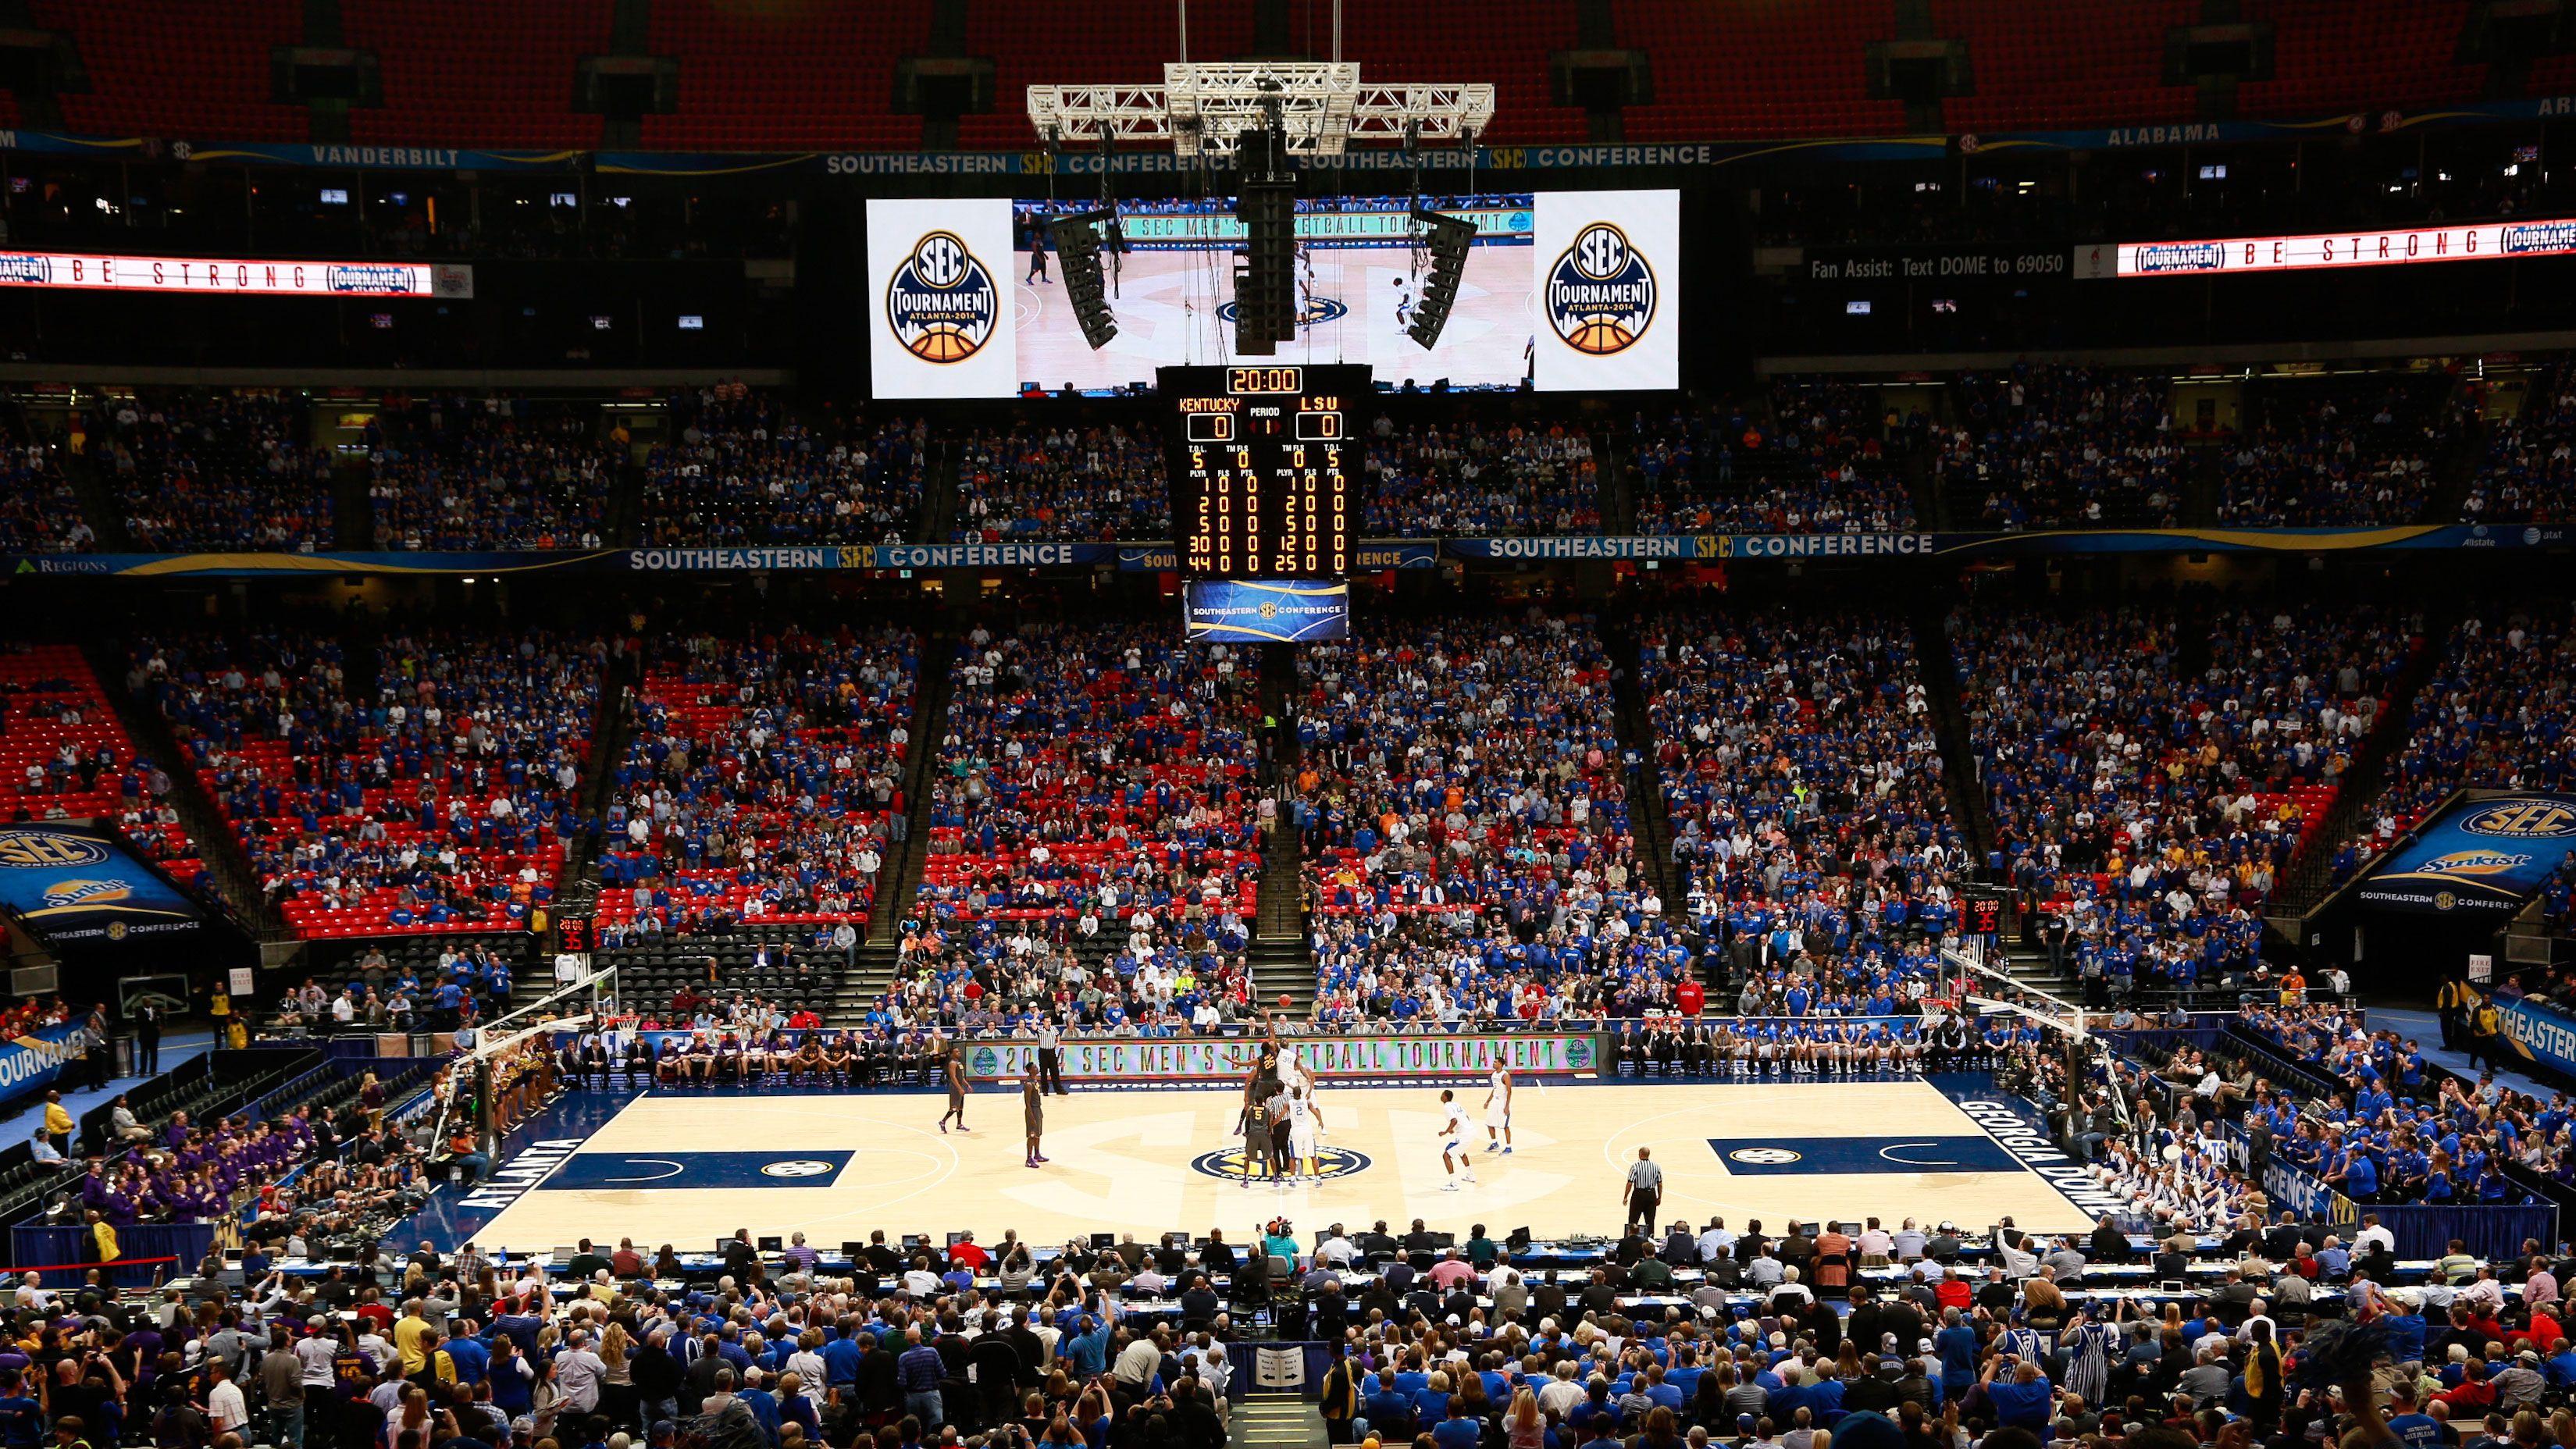 Commentators For Sec Network S Men S Basketball Revealed